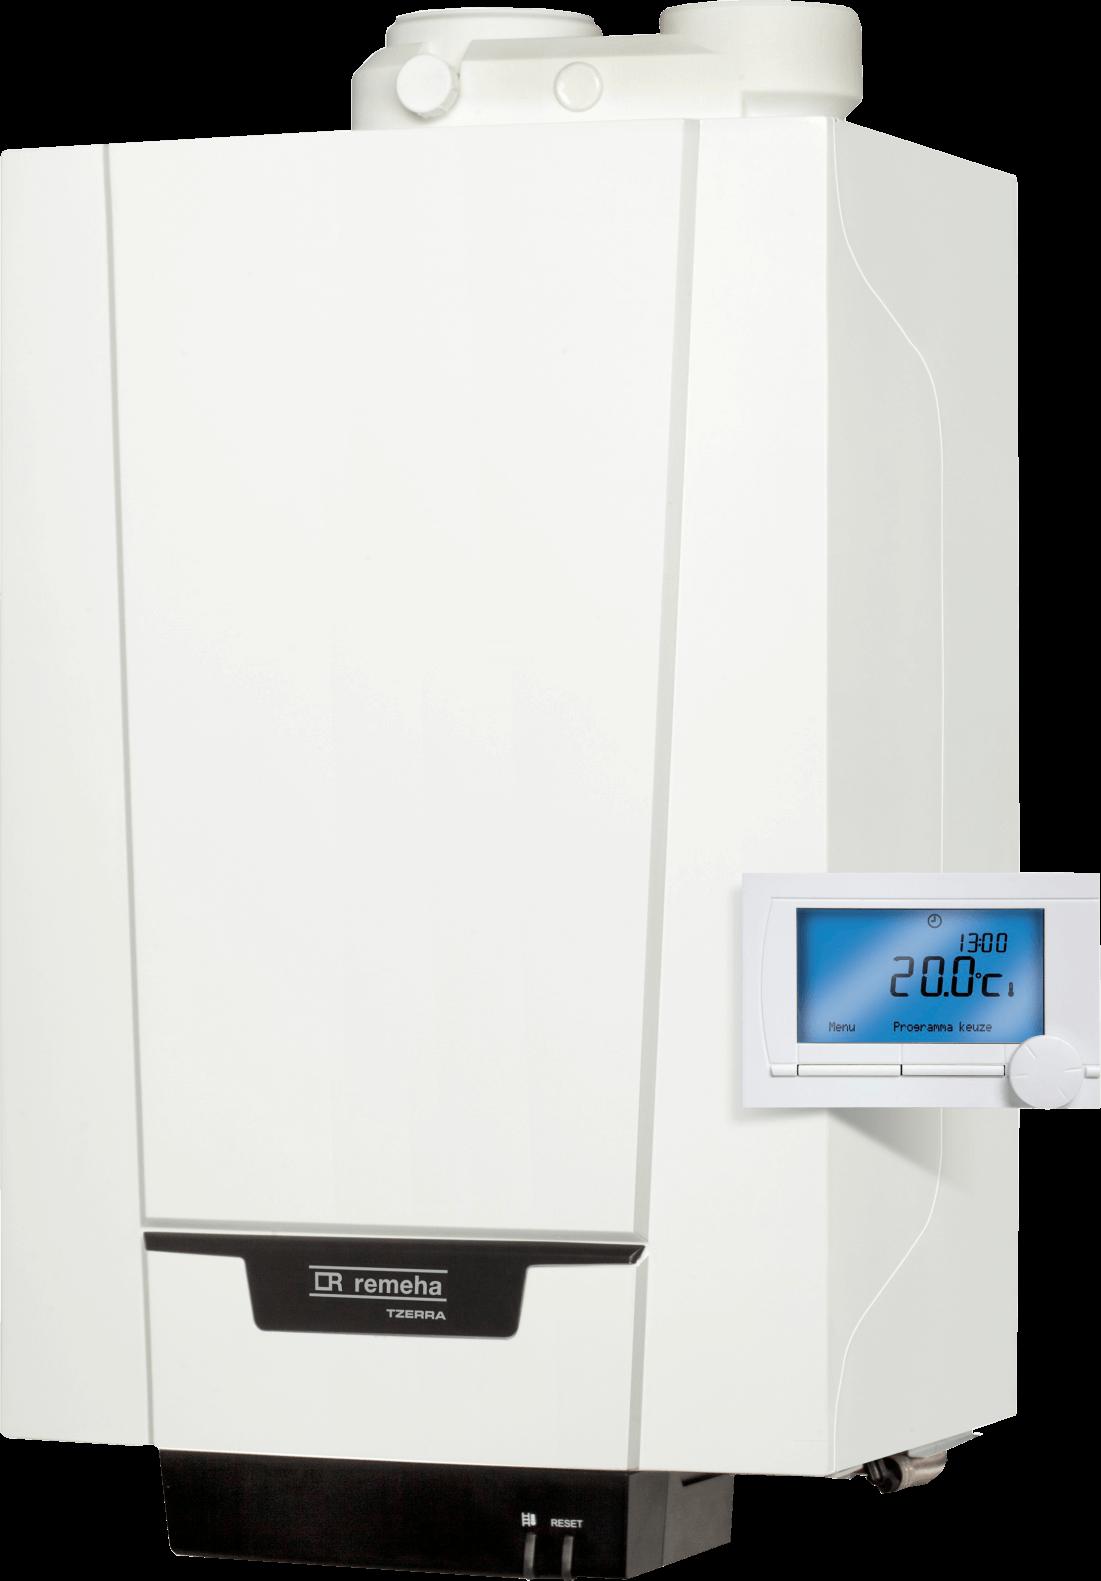 Tipo Di Riscaldamento Più Economico impianti di riscaldamento efficienti per casa: comfort e